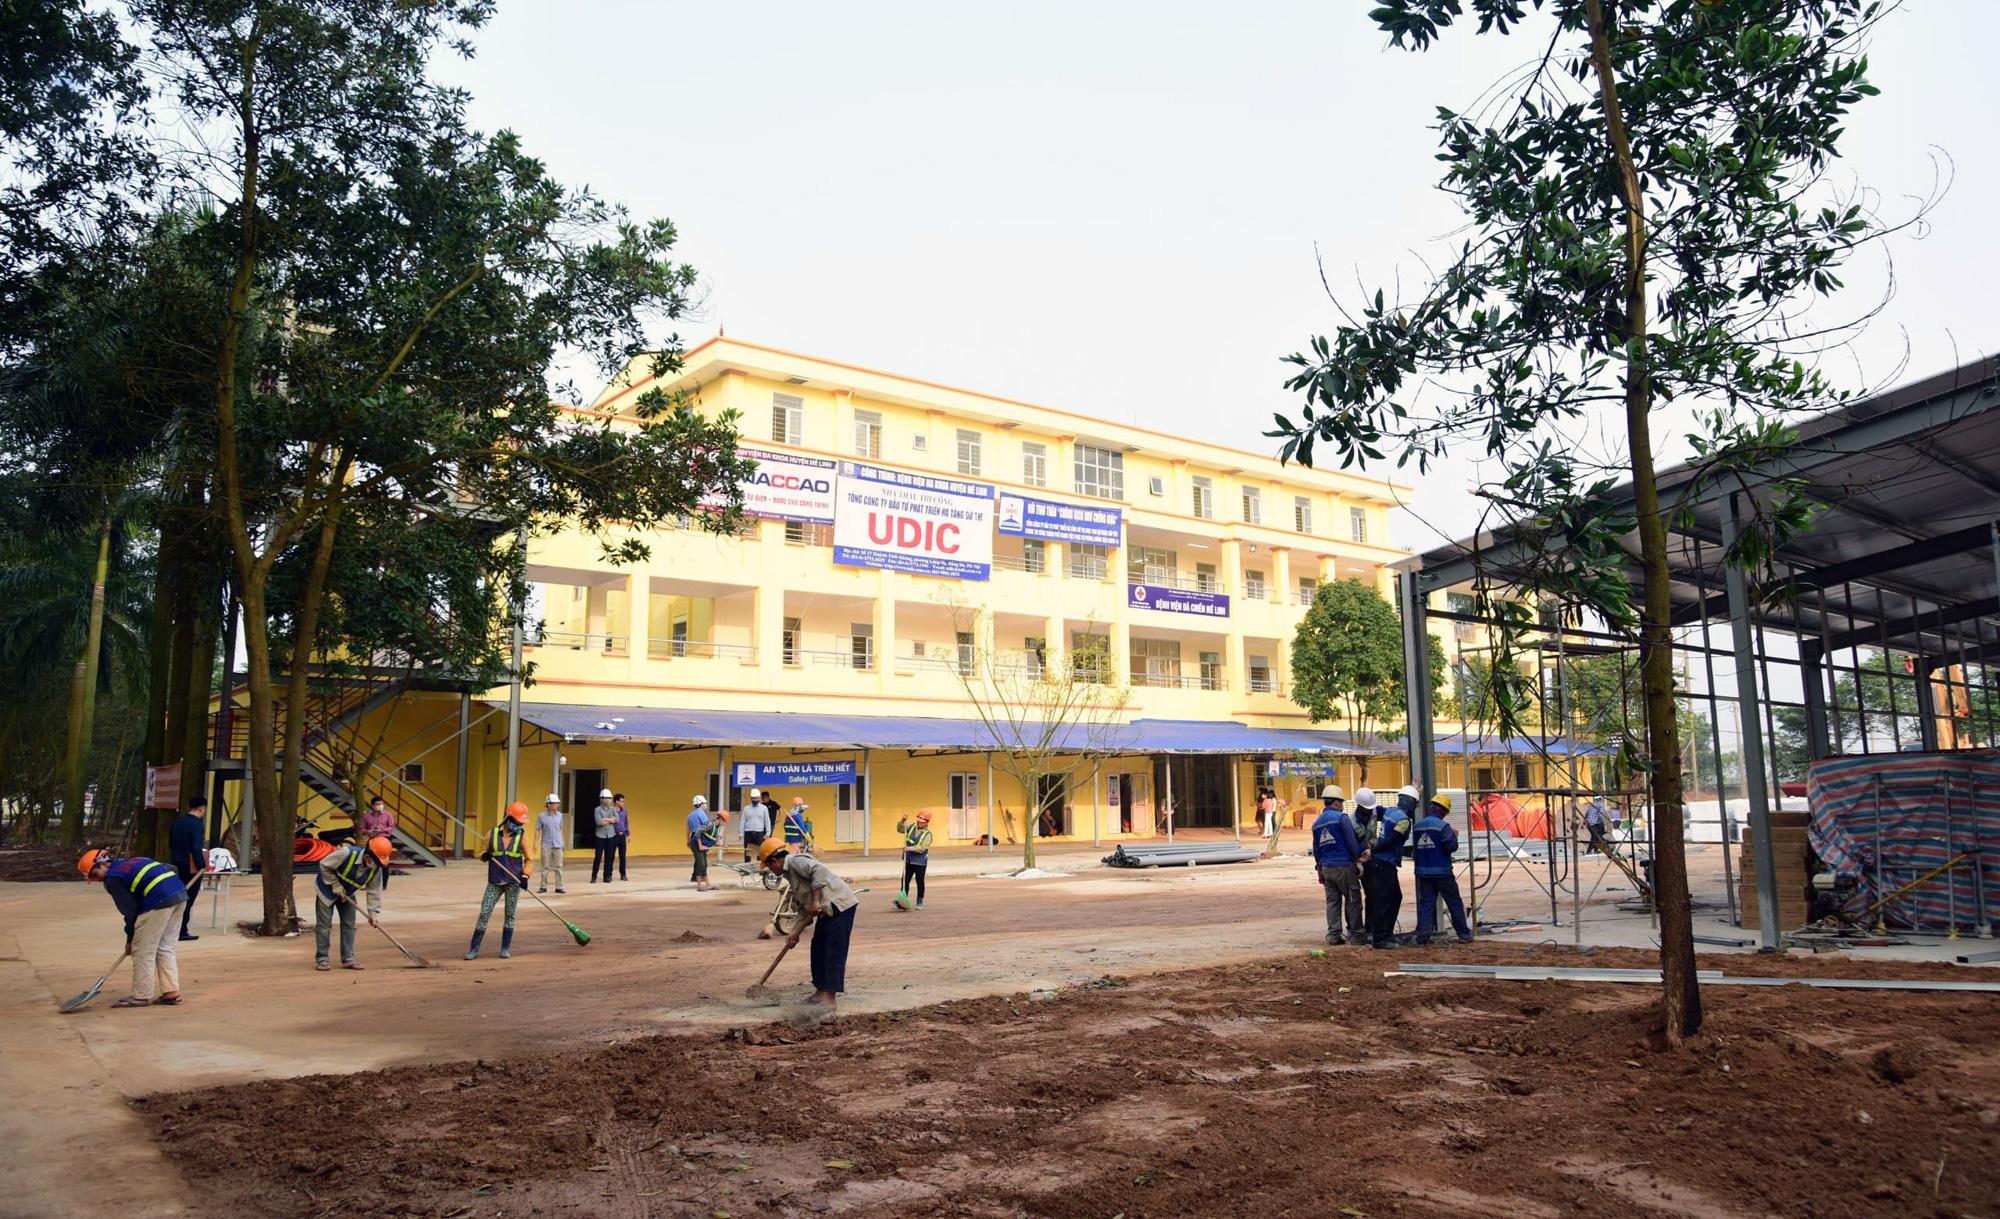 Hà Nội sửa xong bệnh viện bỏ hoang ở Mê Linh làm khu cách li chống dịch Covid-19 - Ảnh 16.